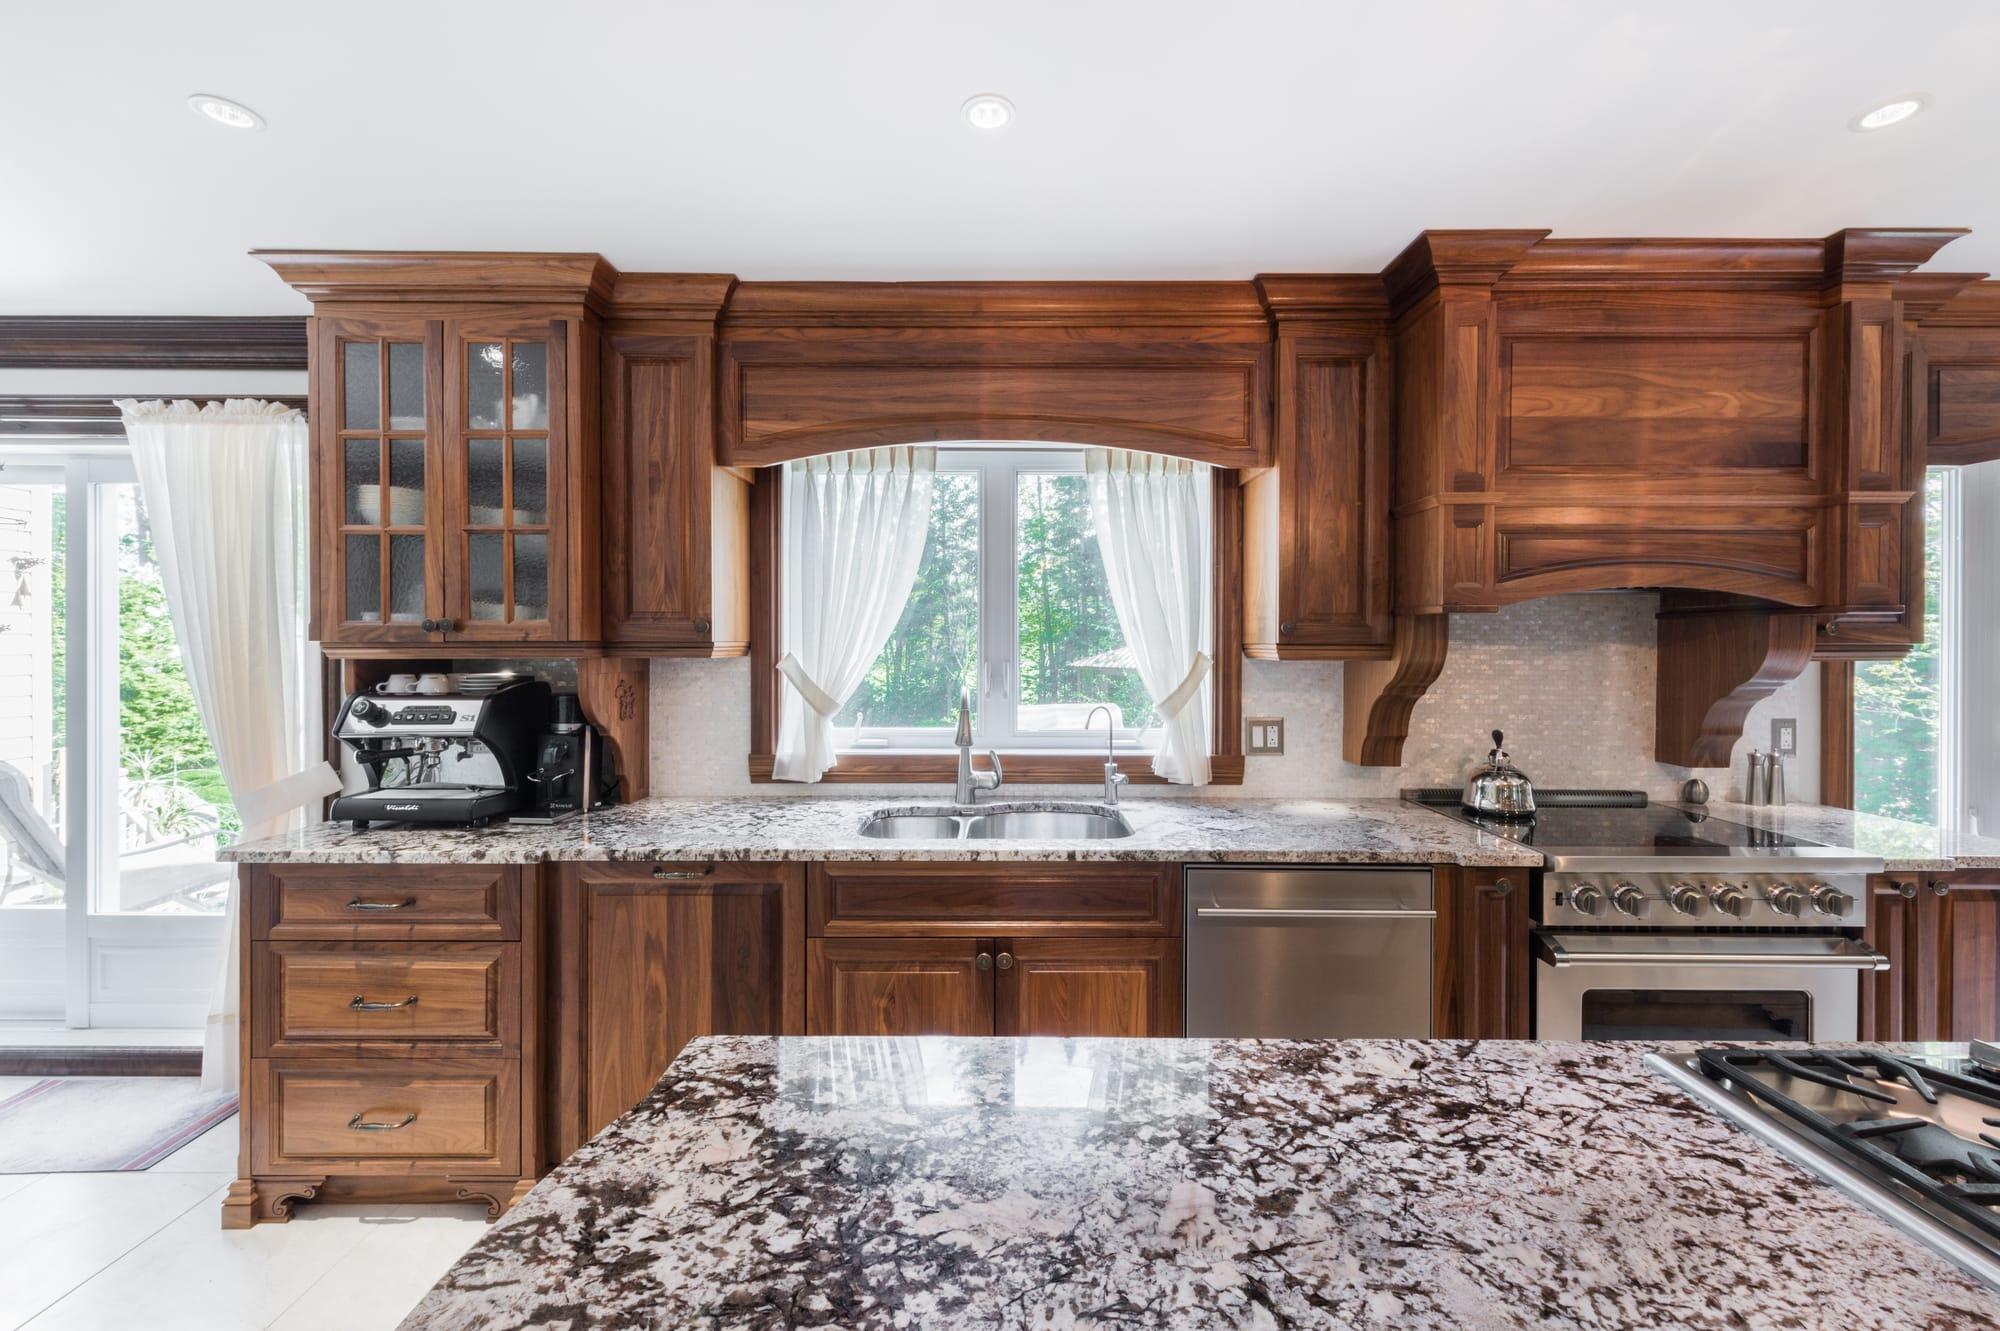 cuisine design de style classique en noyer foncé, grand îlot et comptoirs de granite